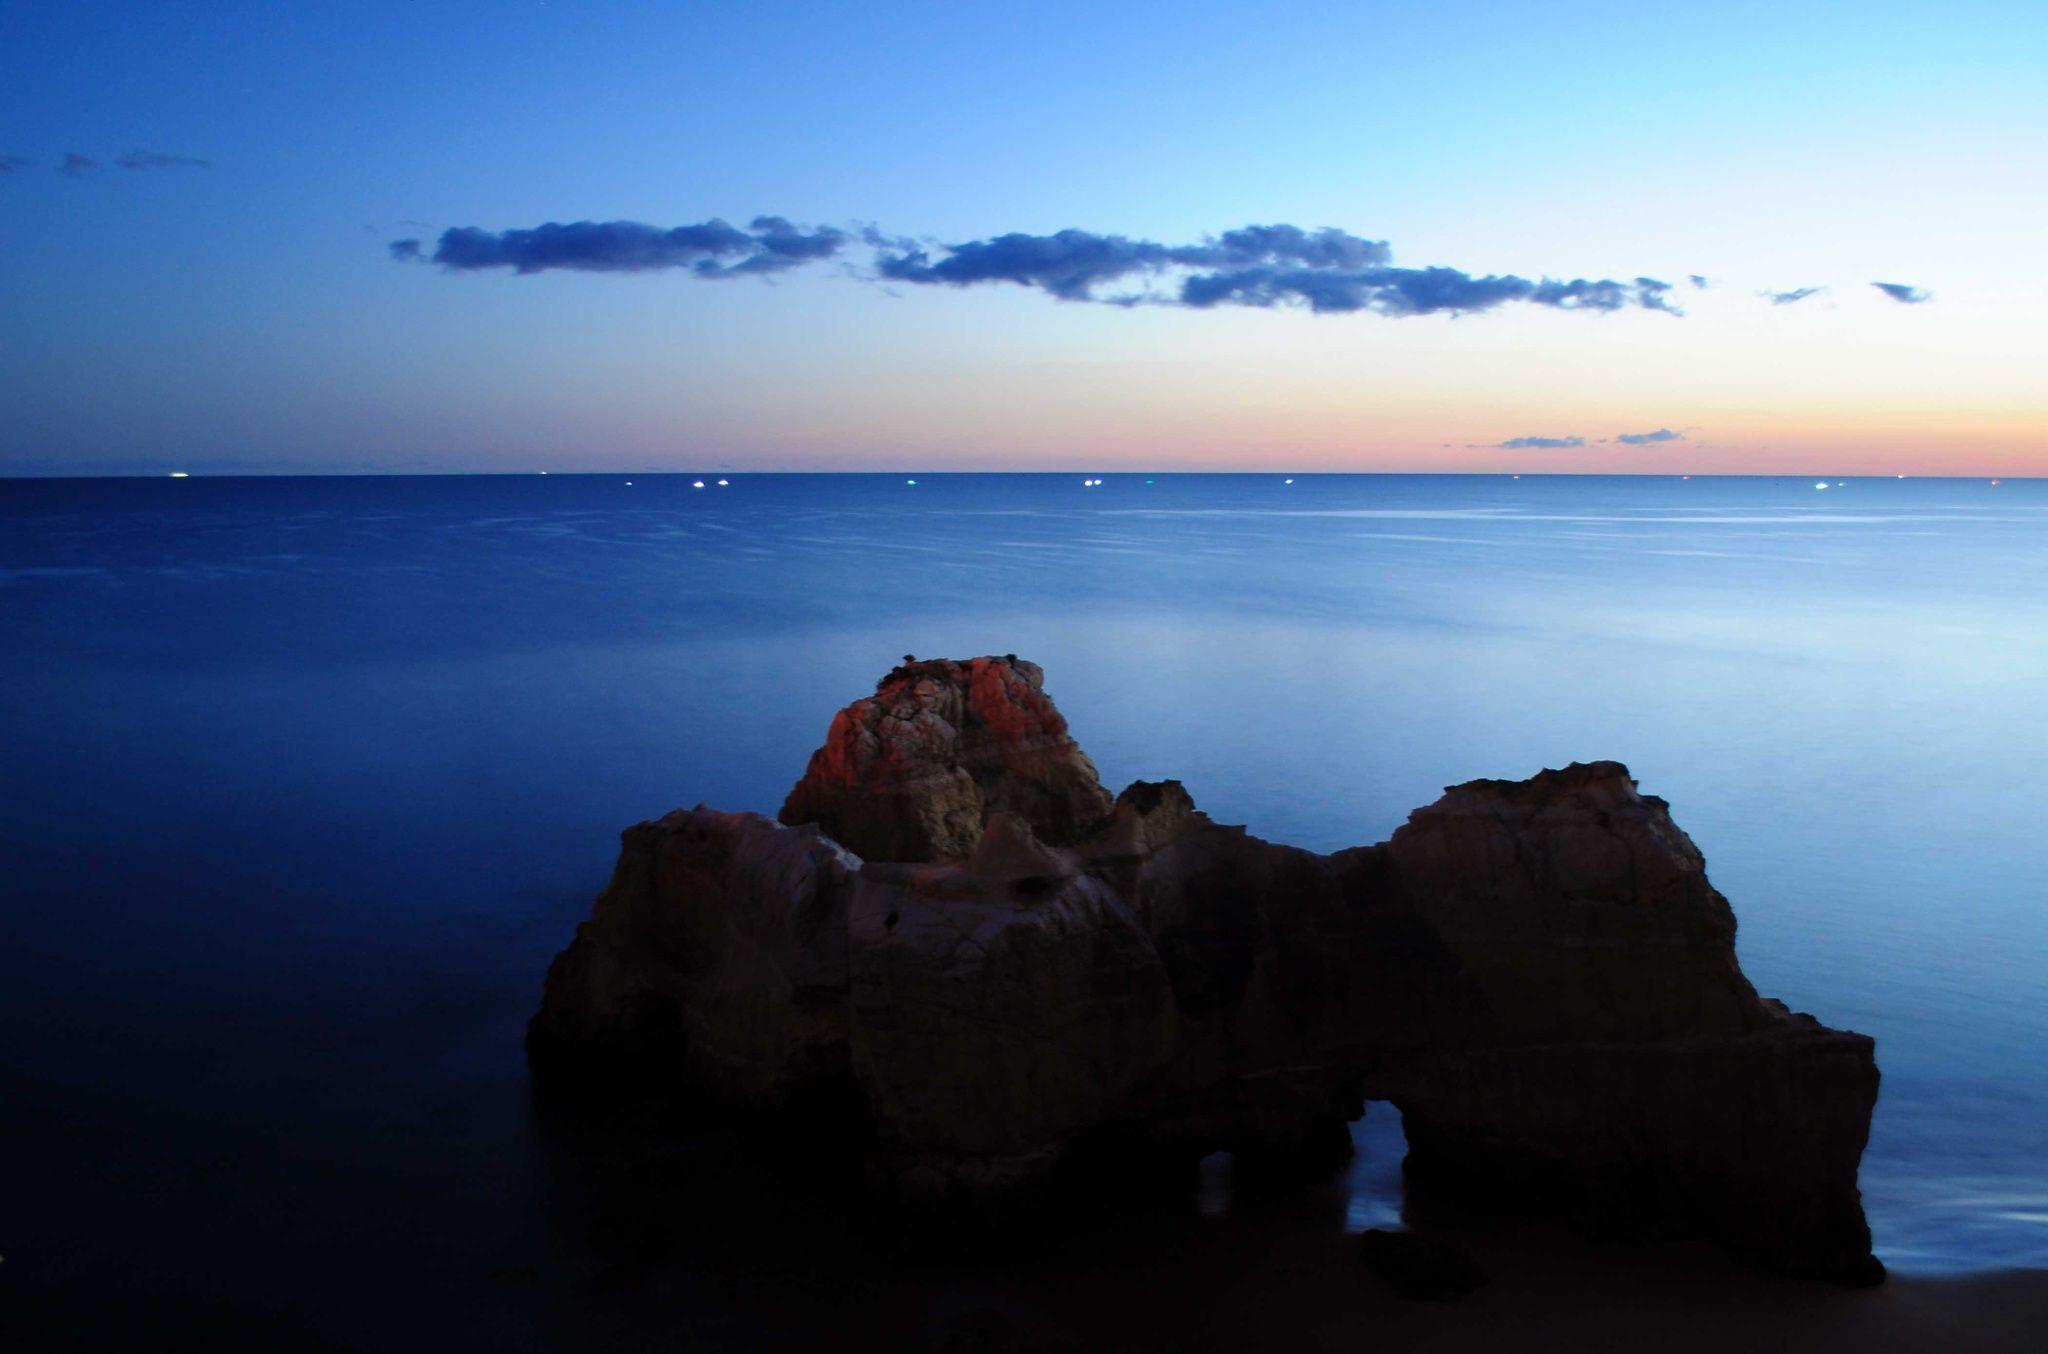 Portugal Algarve by José Eusébio